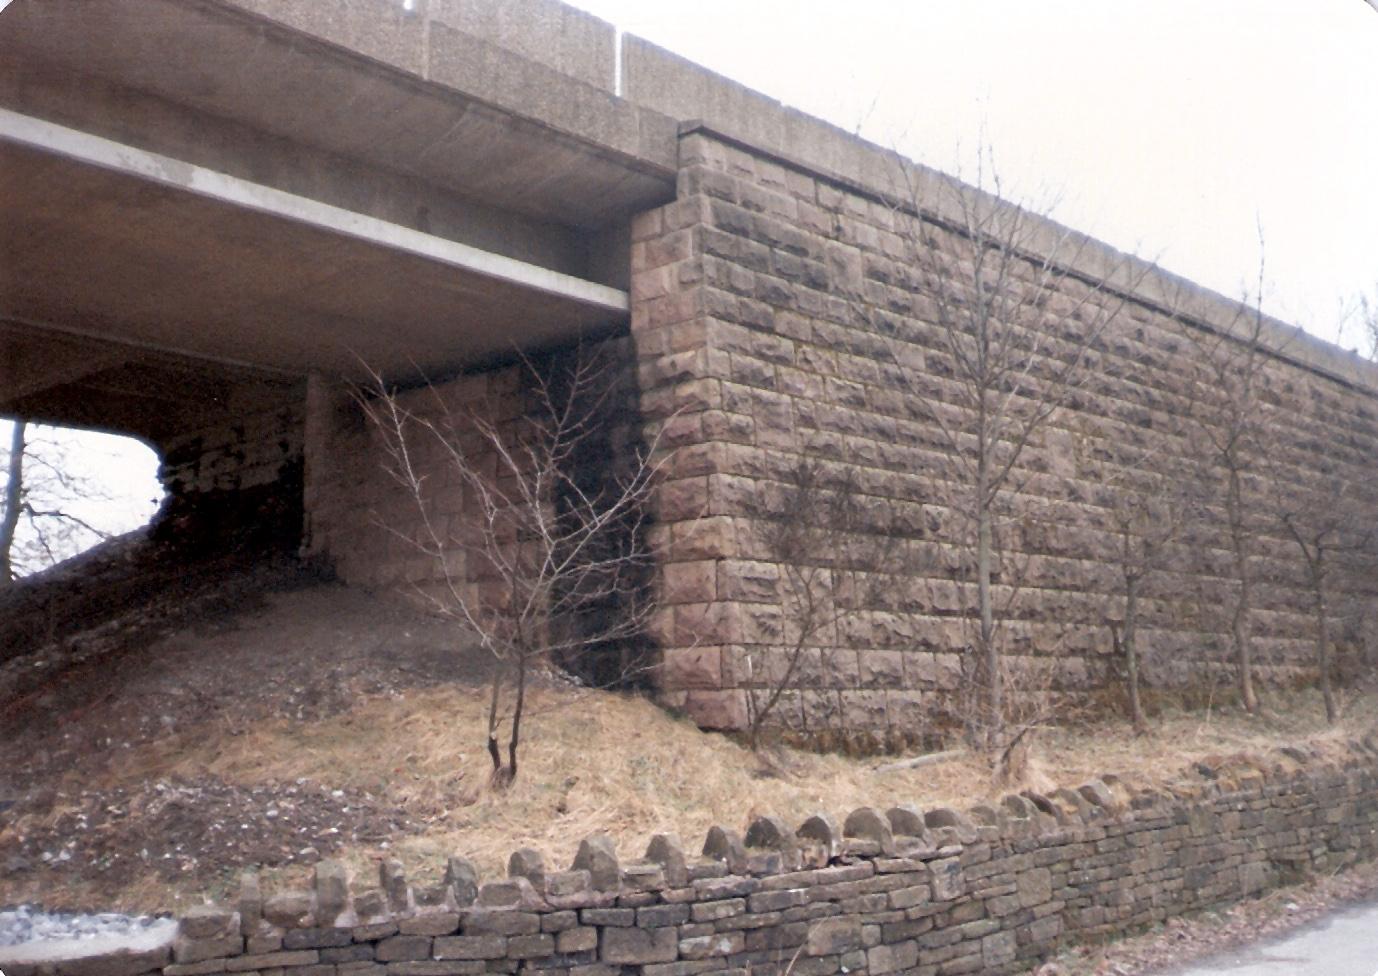 Bridge Abutment Bridge New Abutment